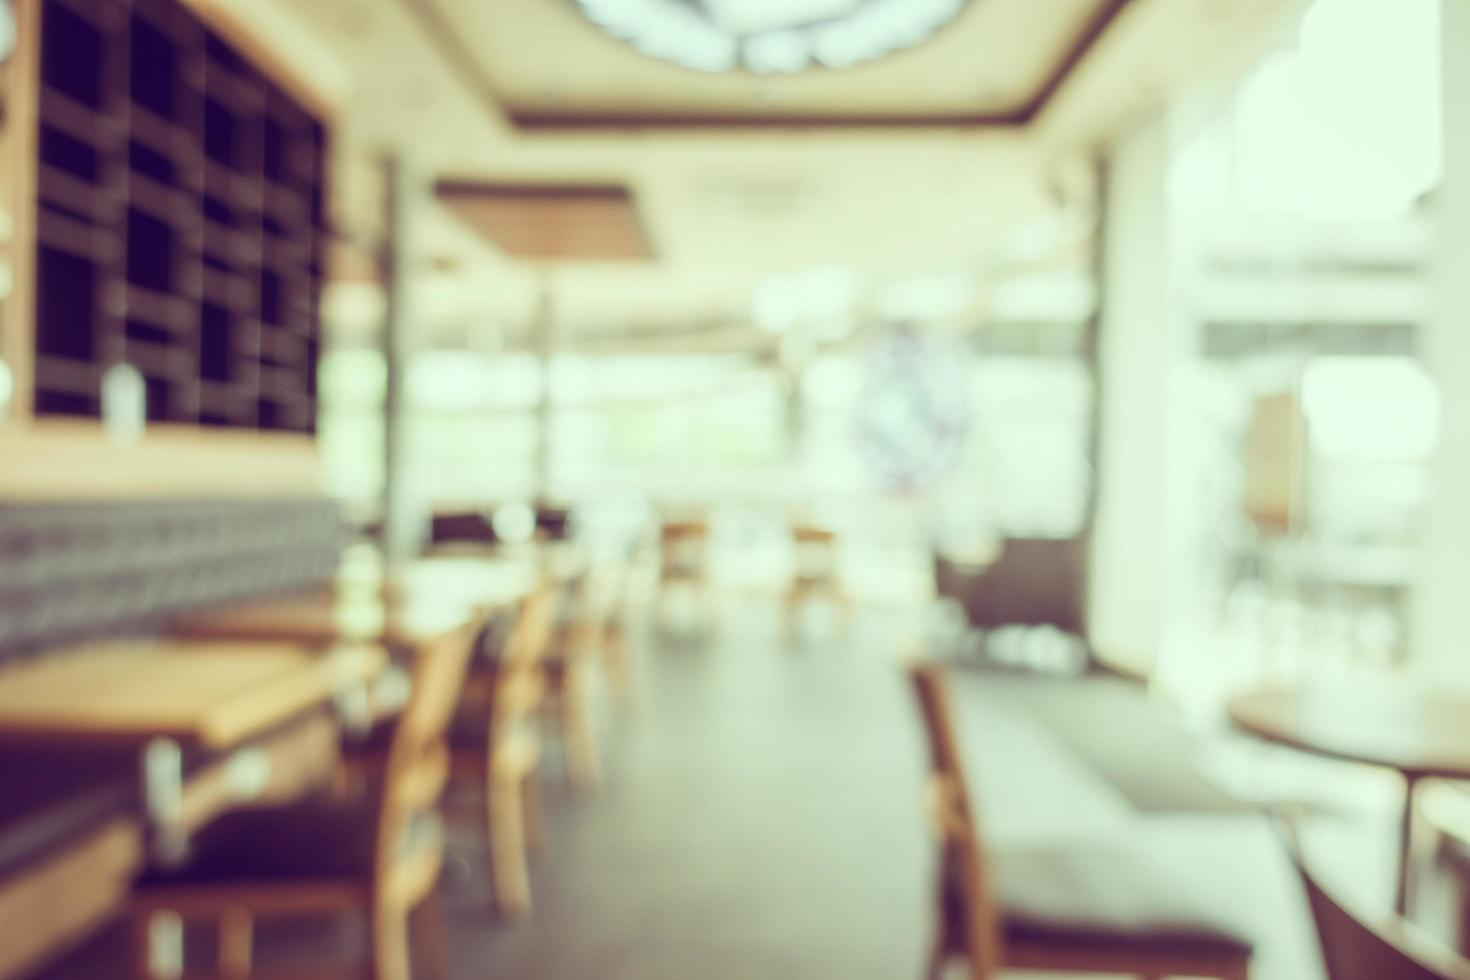 Desenfoque abstracto y cafetería y restaurante bokeh foto